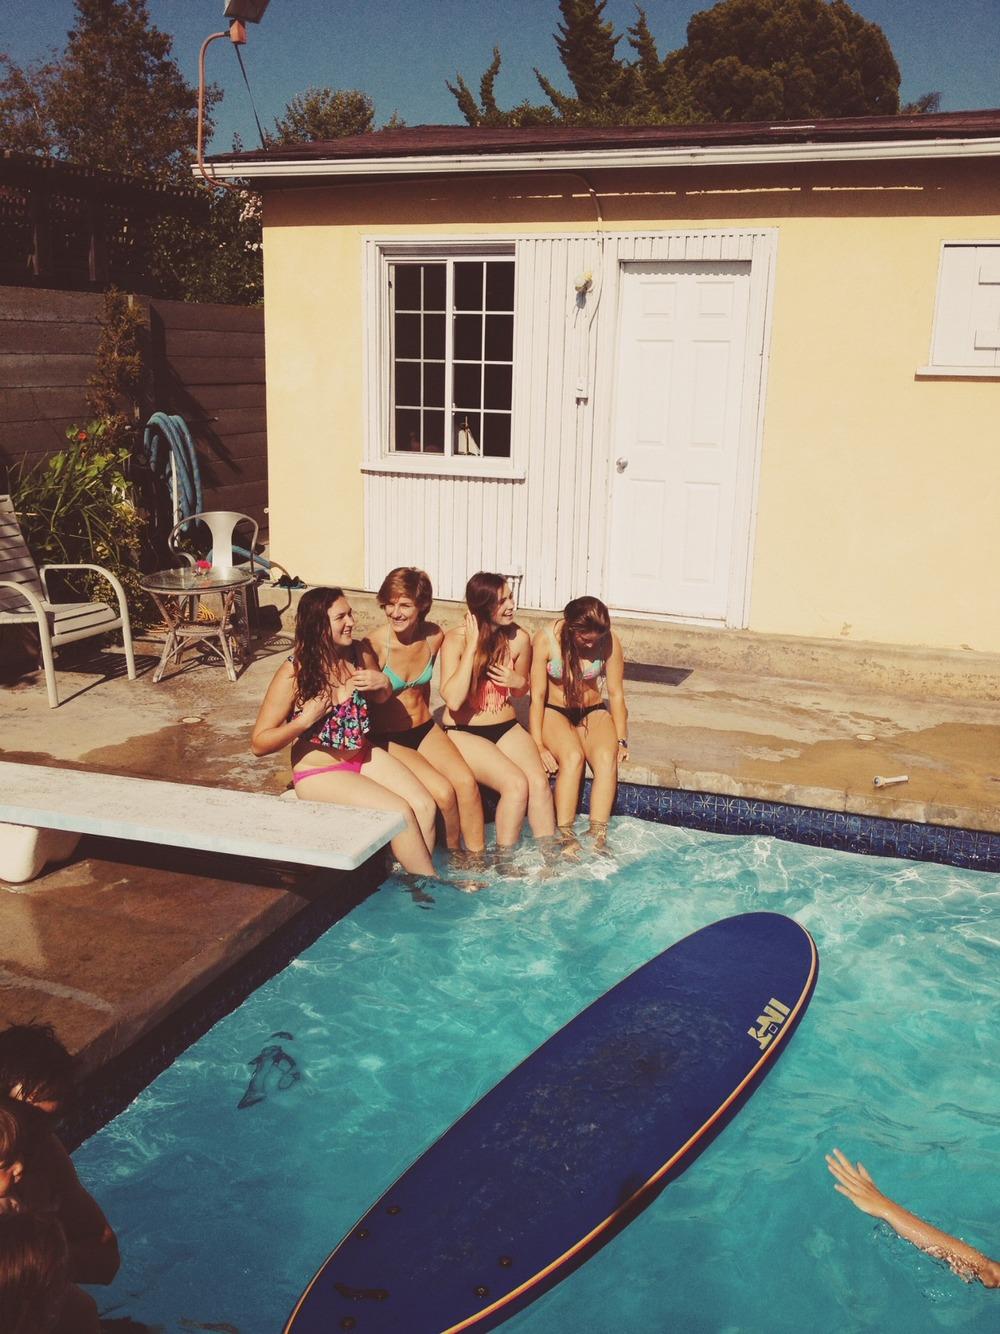 Me, RJ, Isa, Deb